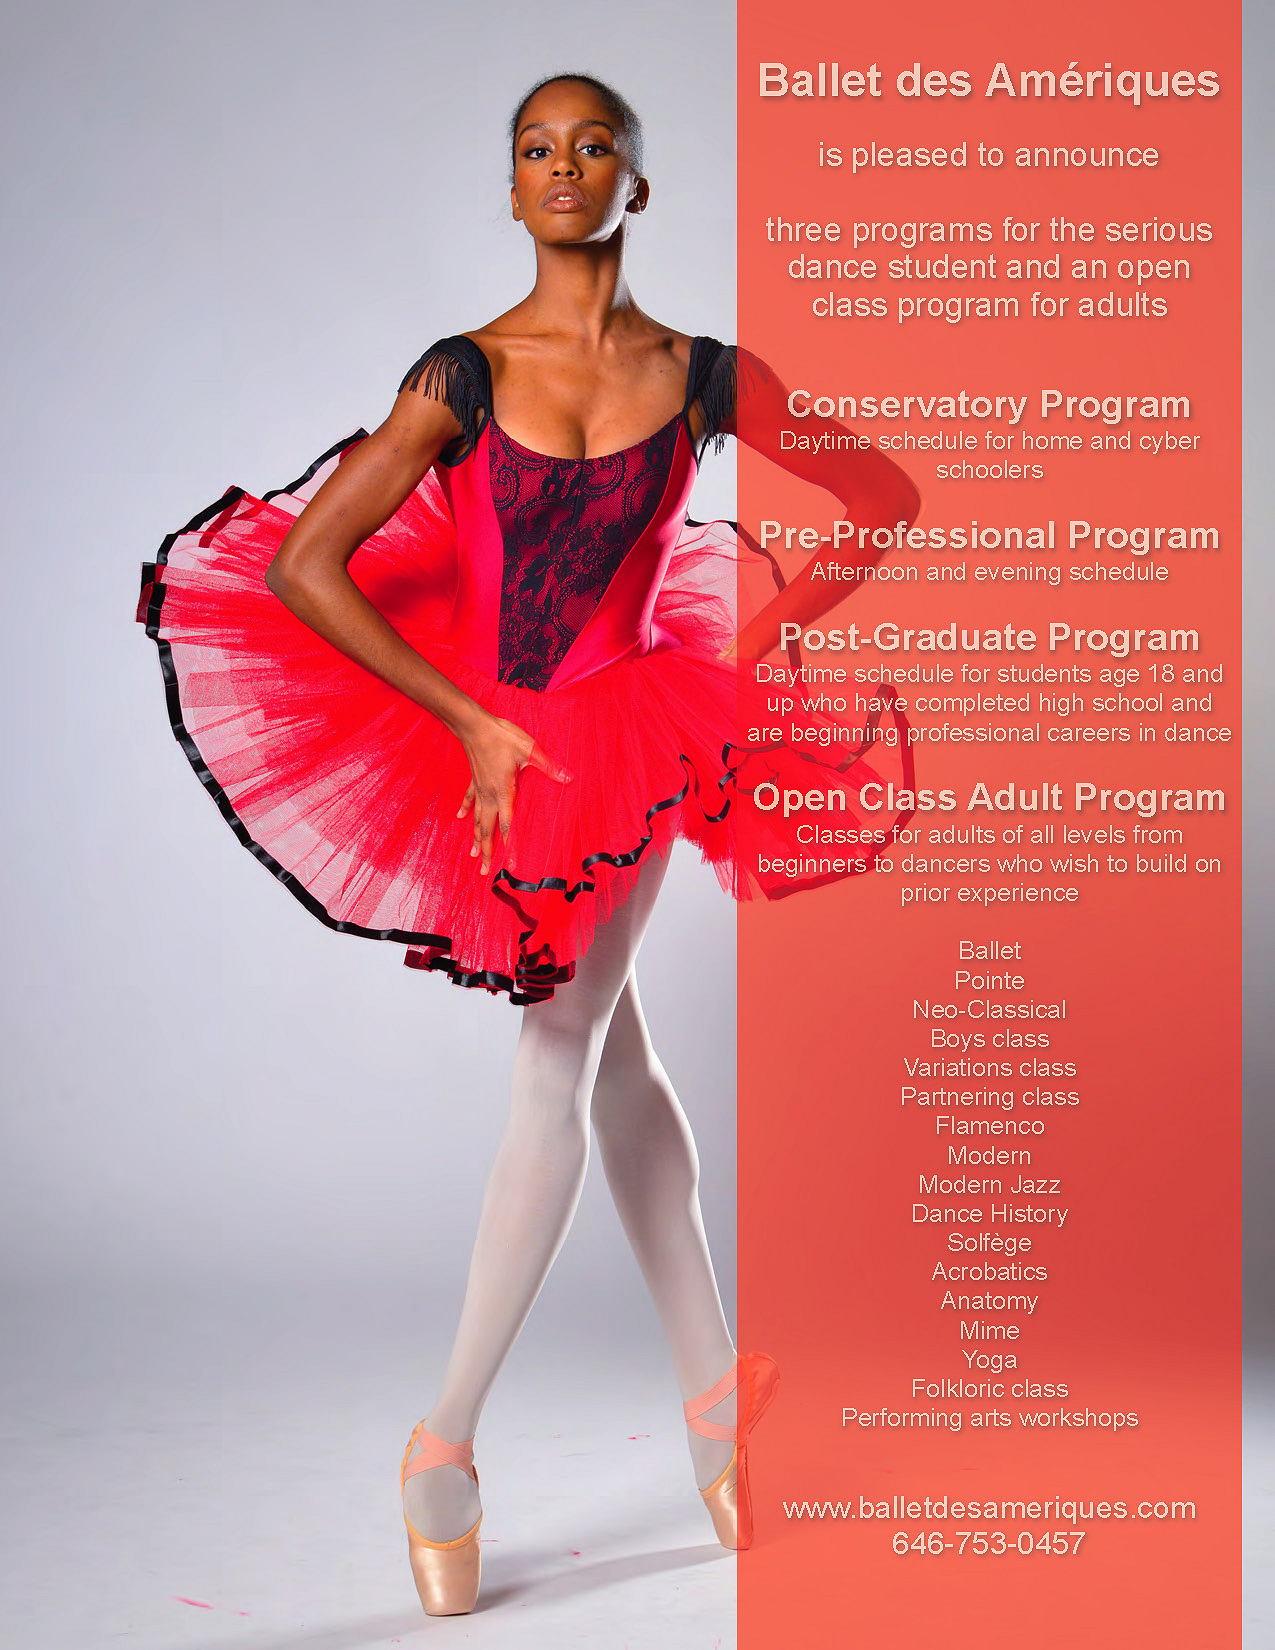 Post-Graduate Program - Ballet des Amériques